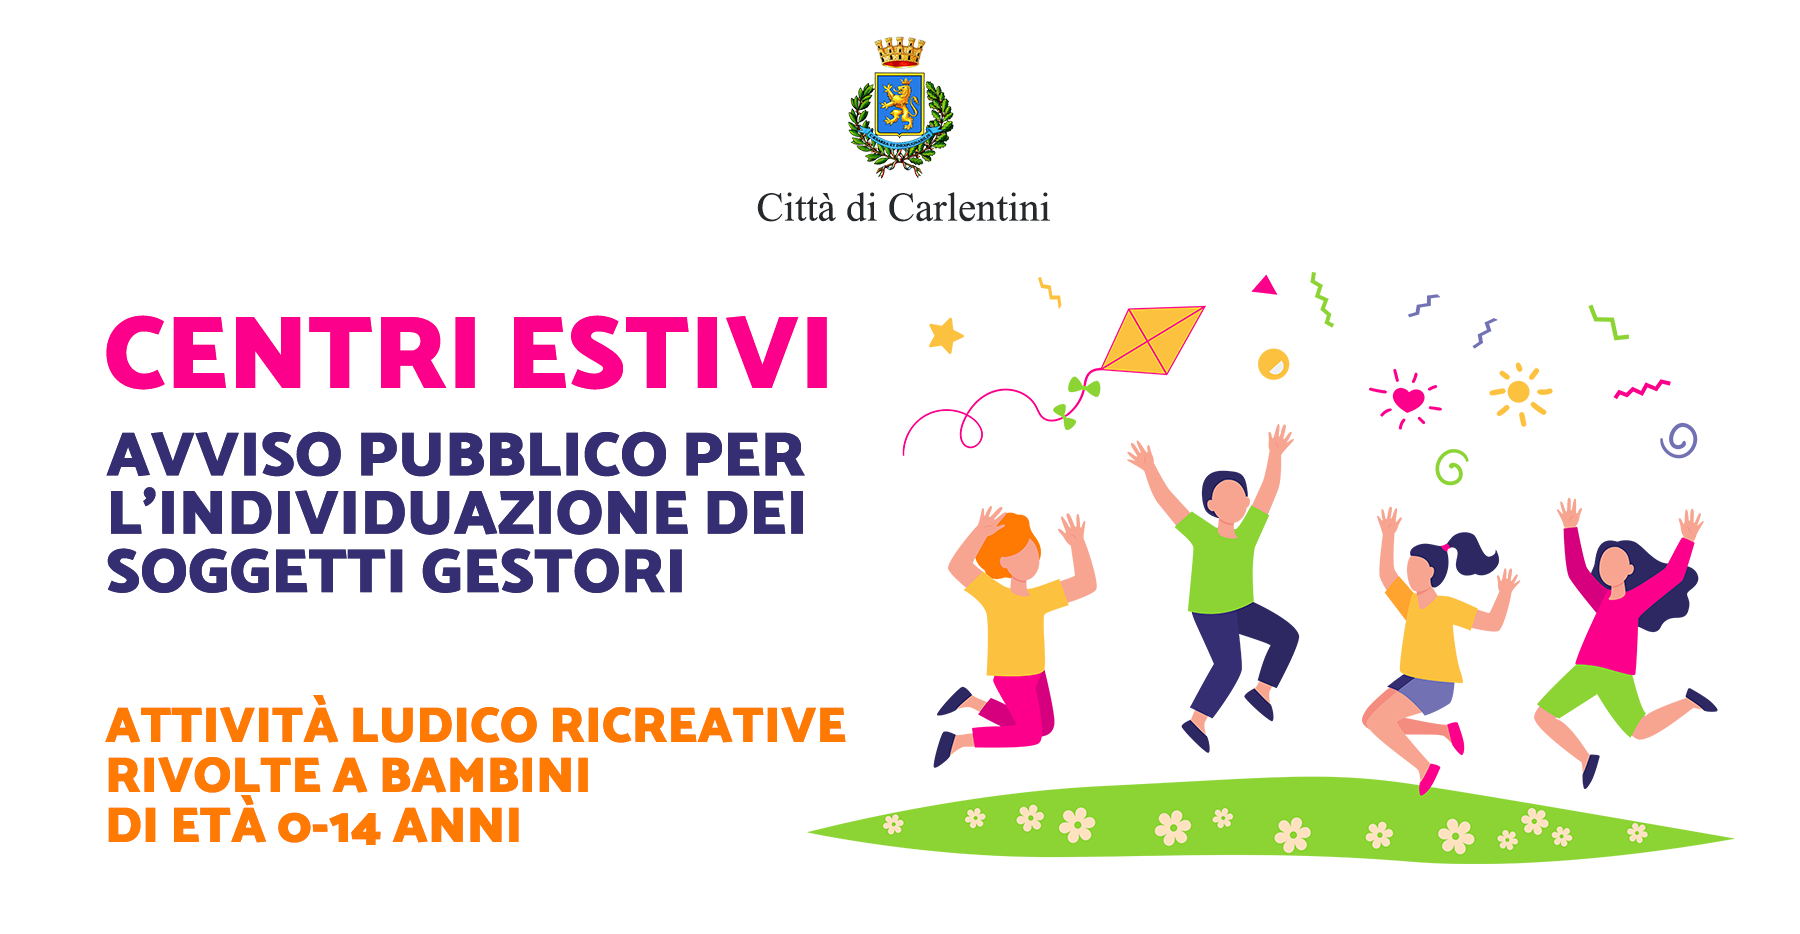 Avviso pubblico per l'individuazione dei soggetti gestori di centri estivi per attività ludico ricreative rivolto a bambini di età 0-14 anni